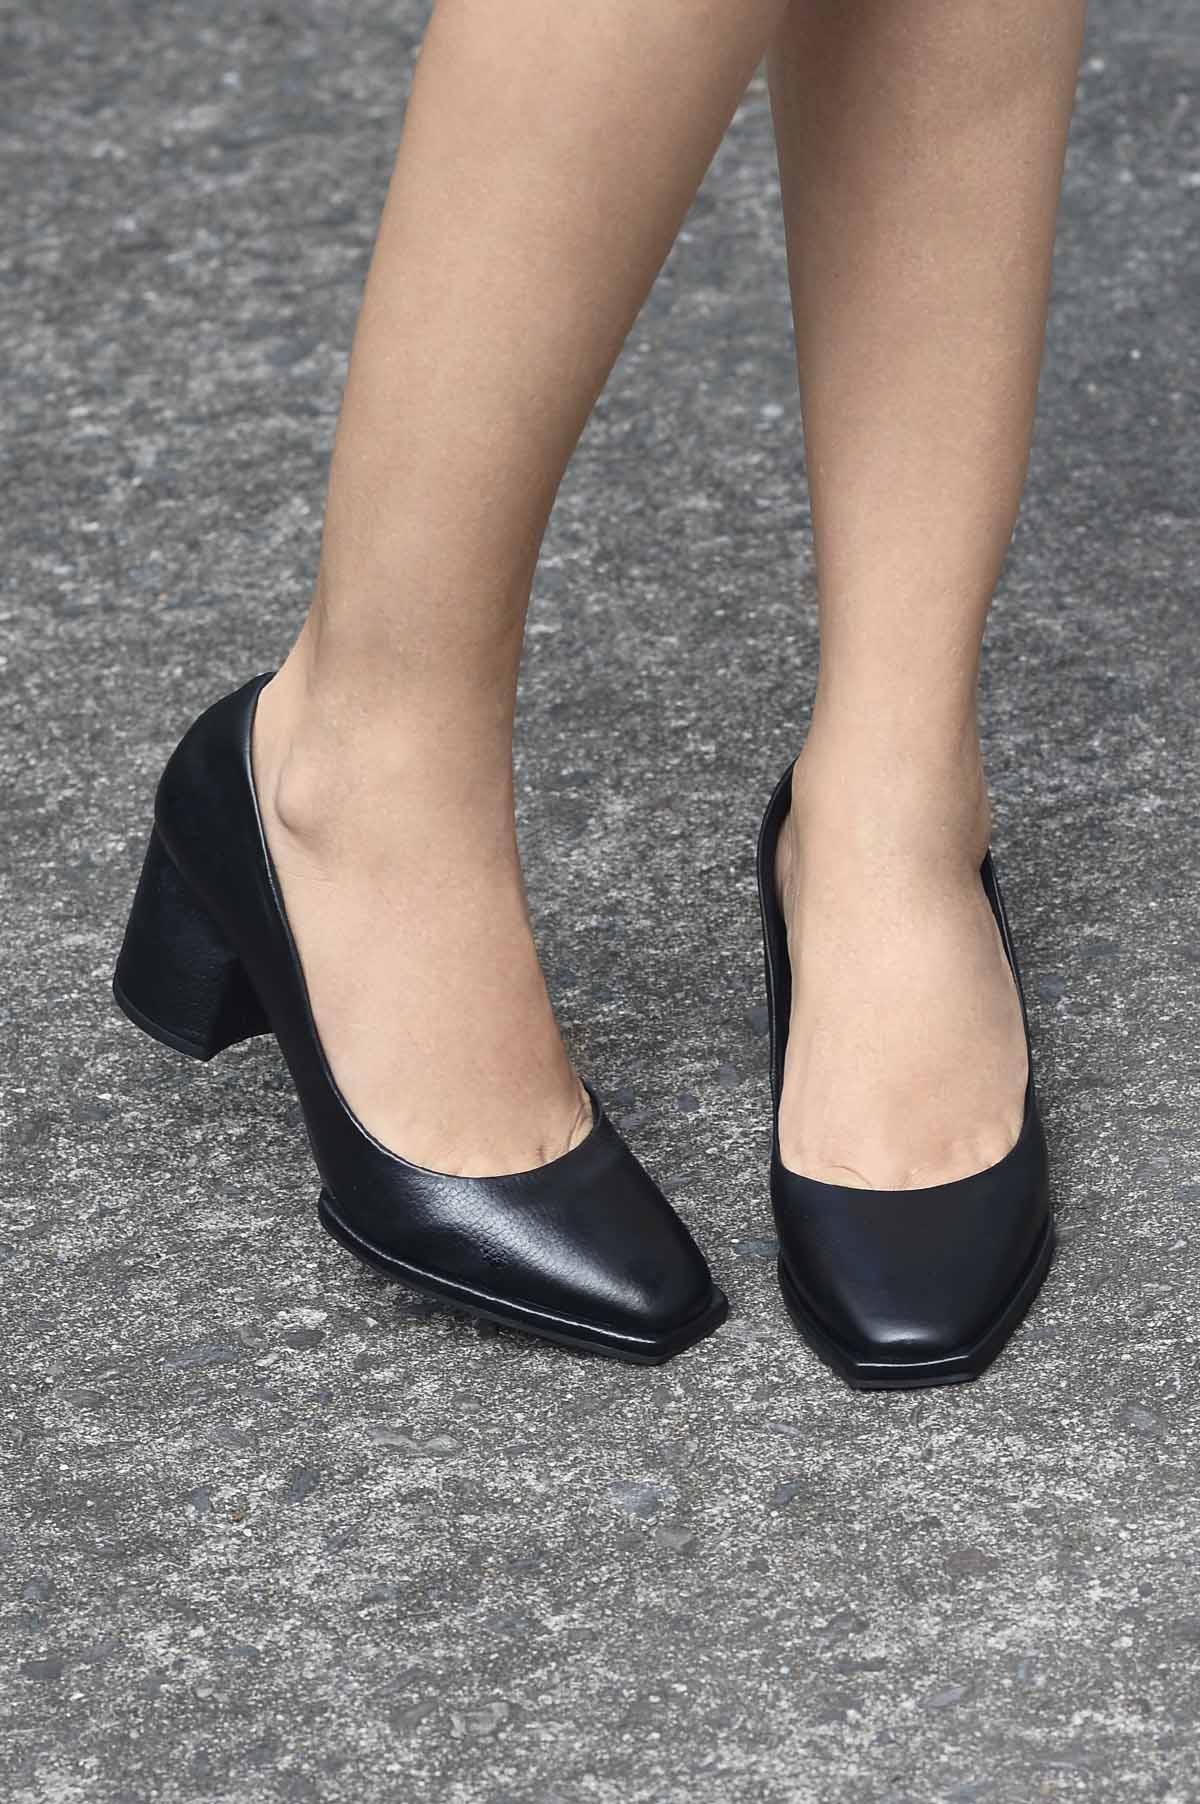 f07695cbf5 Sapato Feminino Salto Alto Berye Mundial CR-PRETO - Mundial Calçados